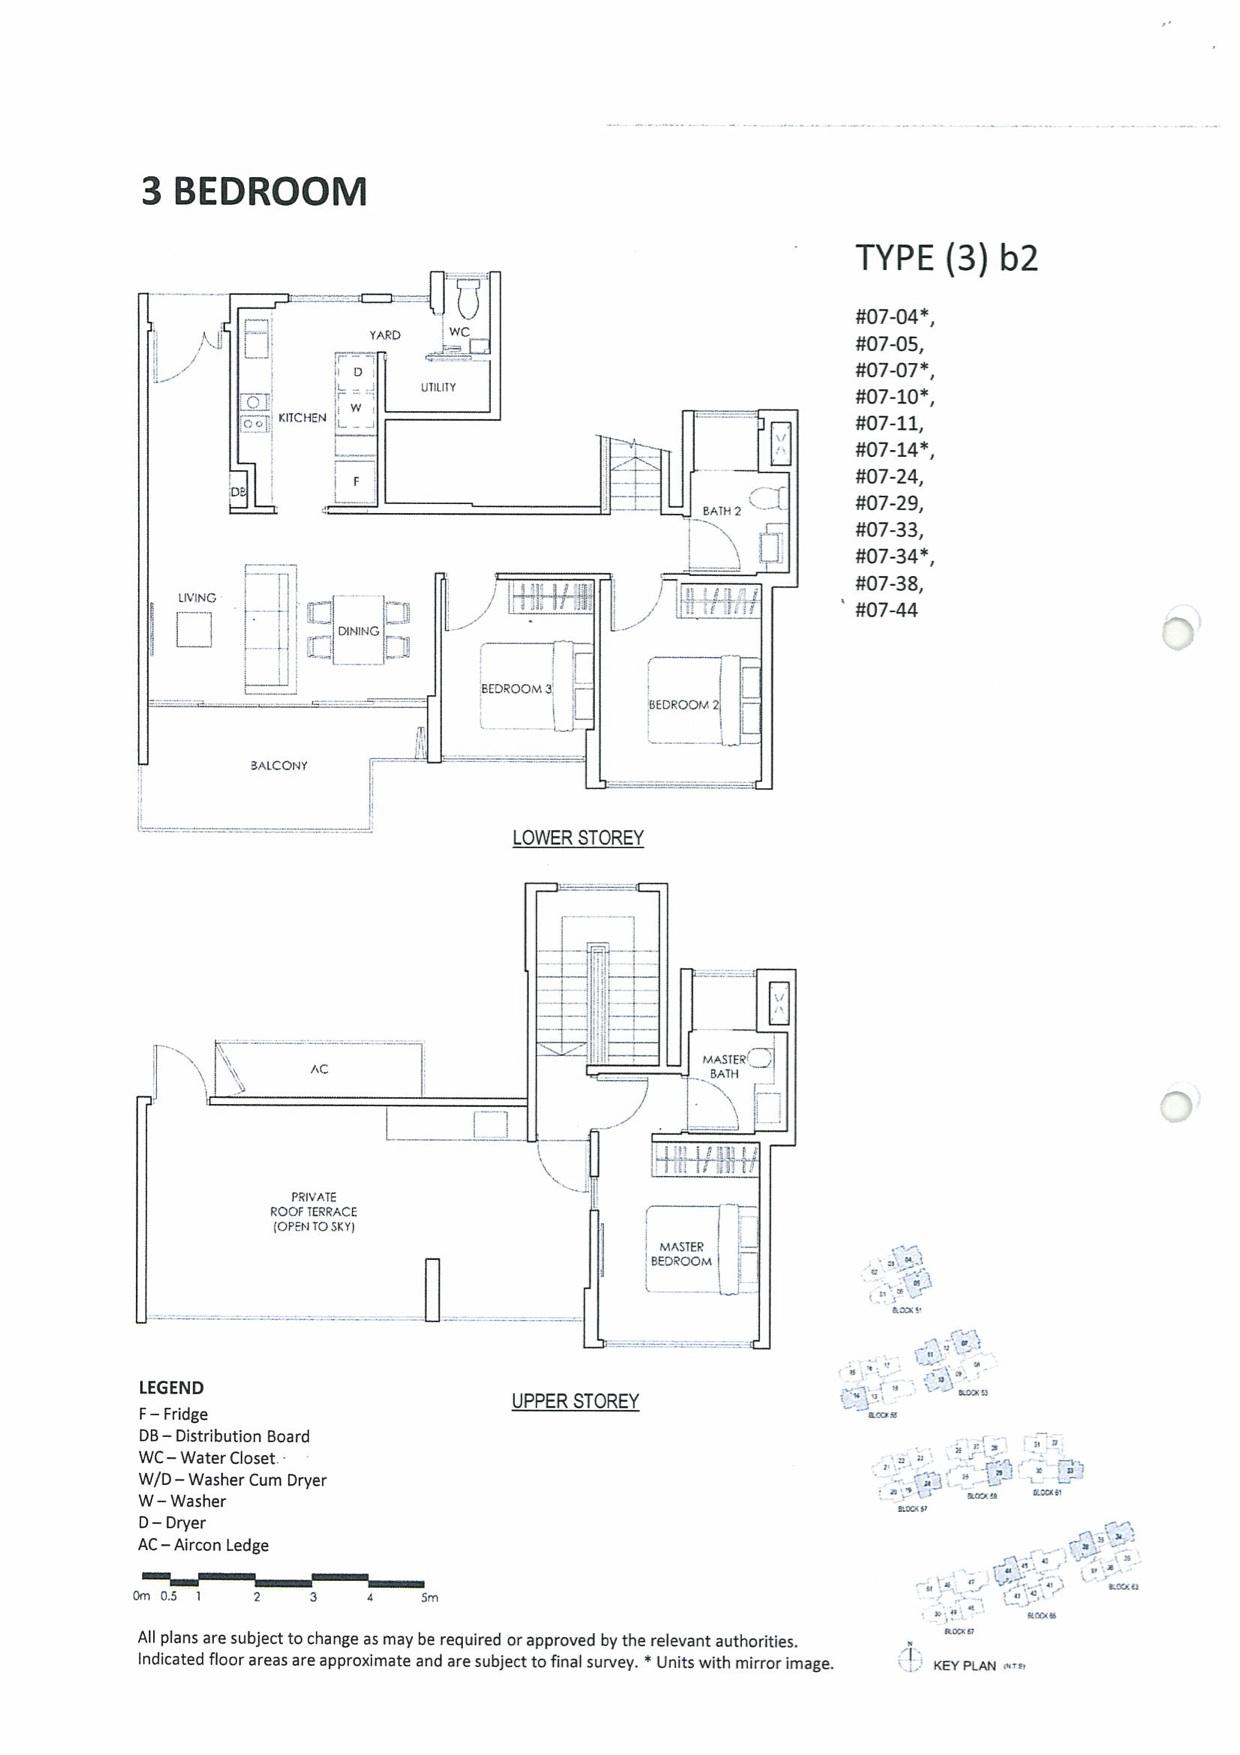 Inflora @ Changi Condo Floor Plan :: 3 Bedrooms